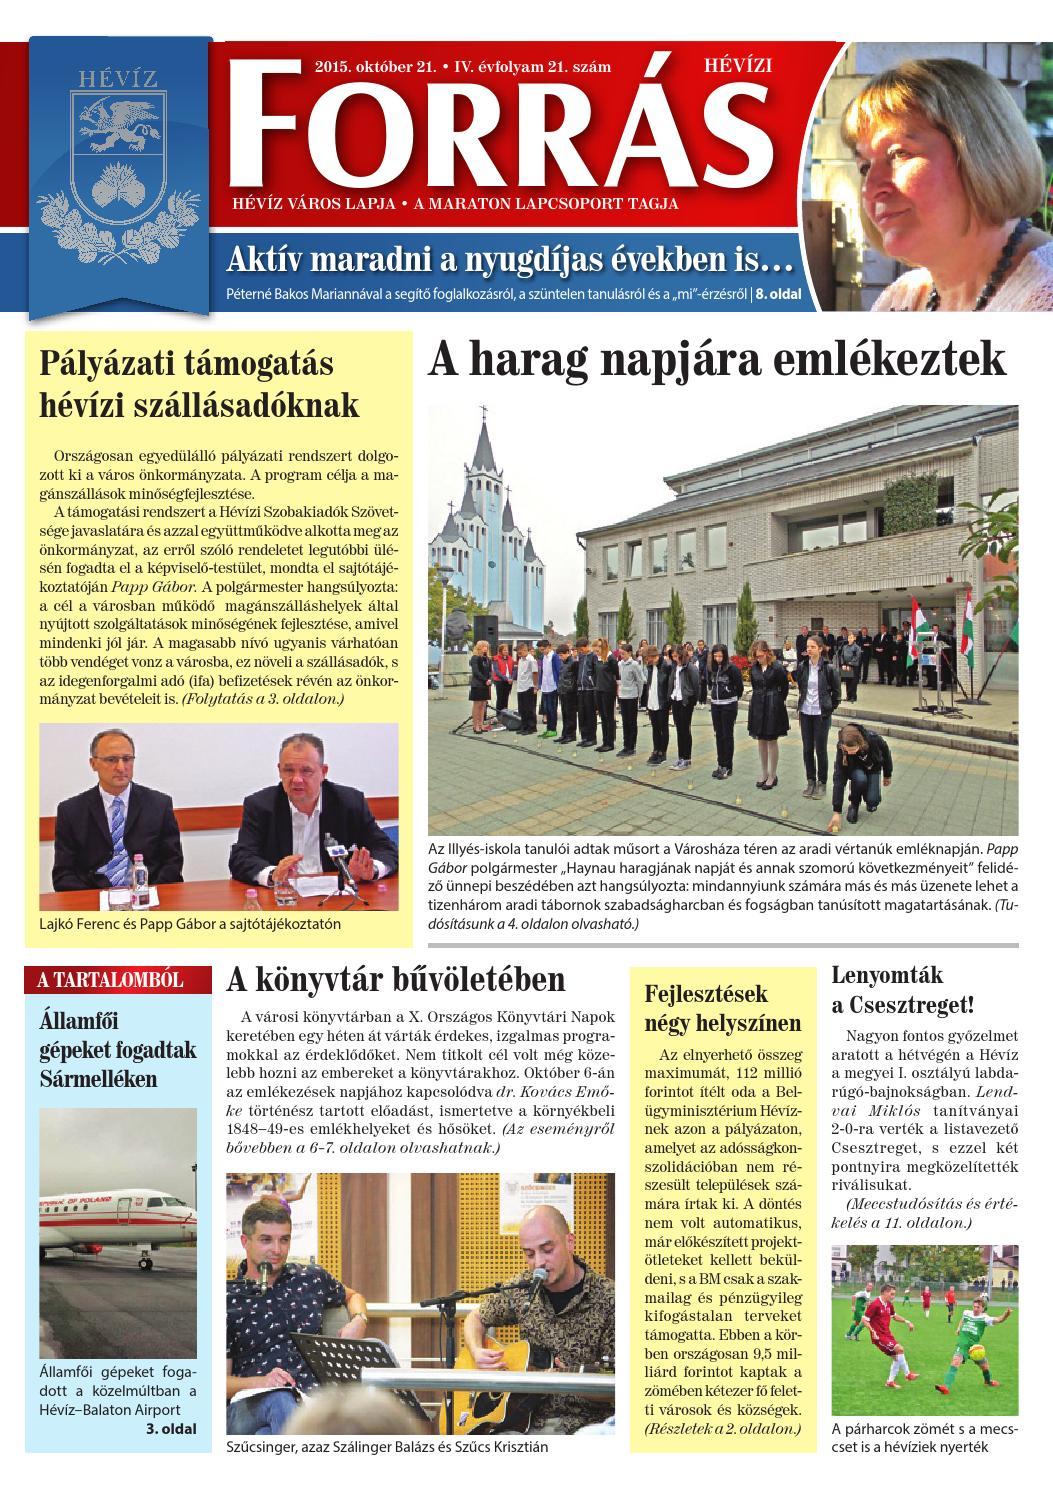 Hévízi Forrás - 2015. 10. 21. by Maraton Lapcsoport Kft. - issuu 2d4017a3c5